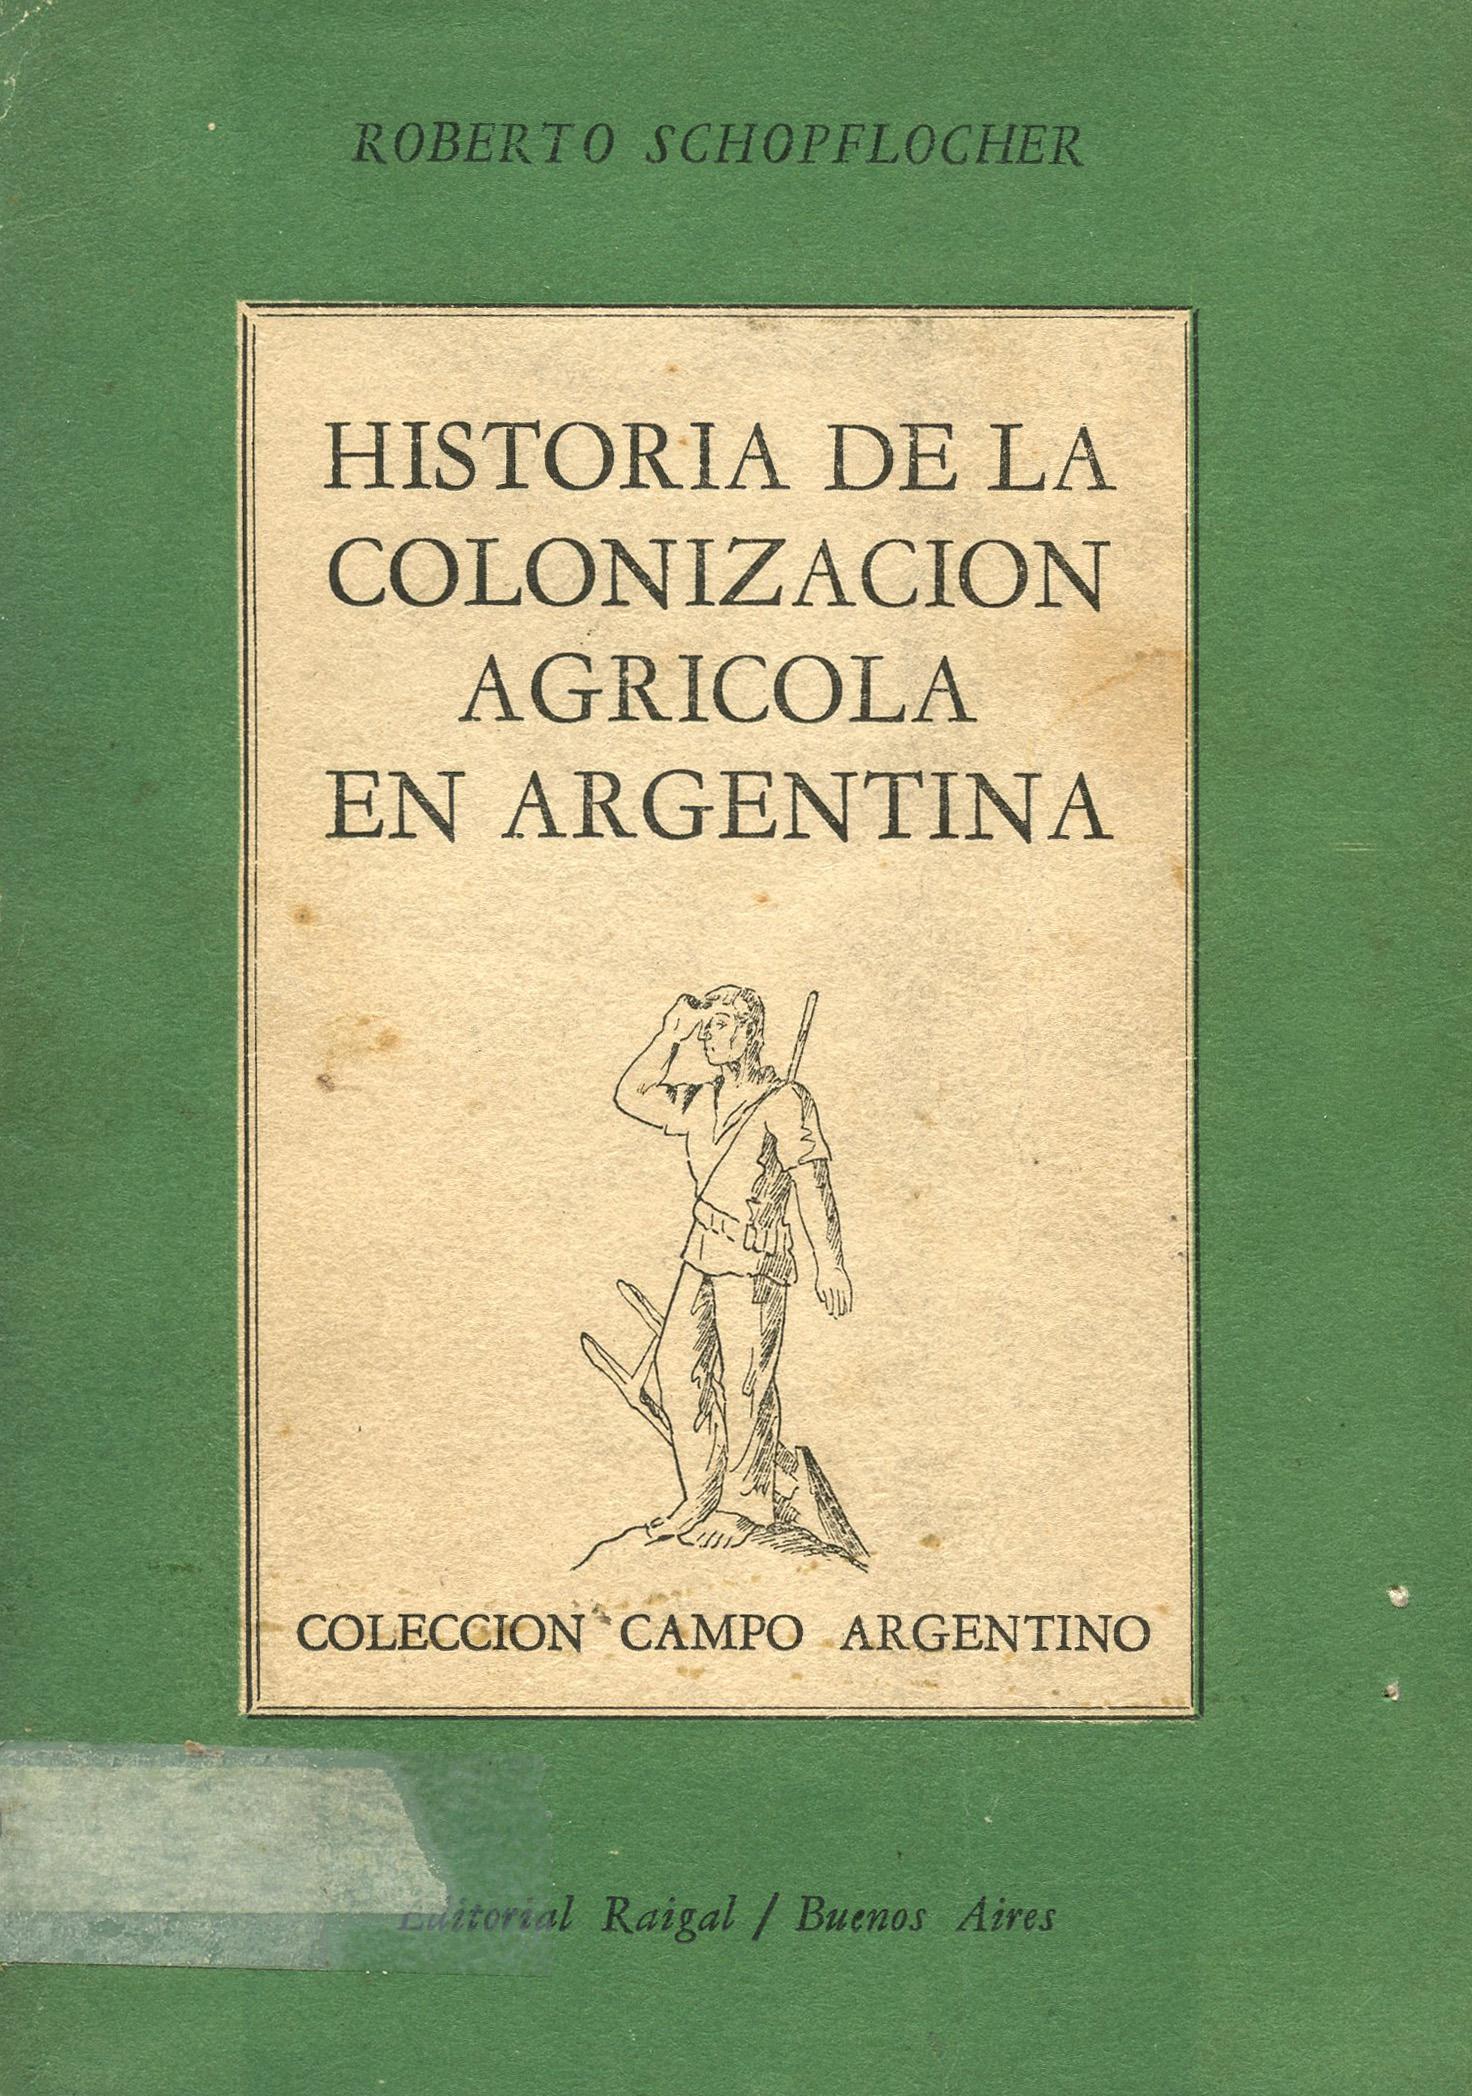 Historia de la colonización agrícola en la Argentina